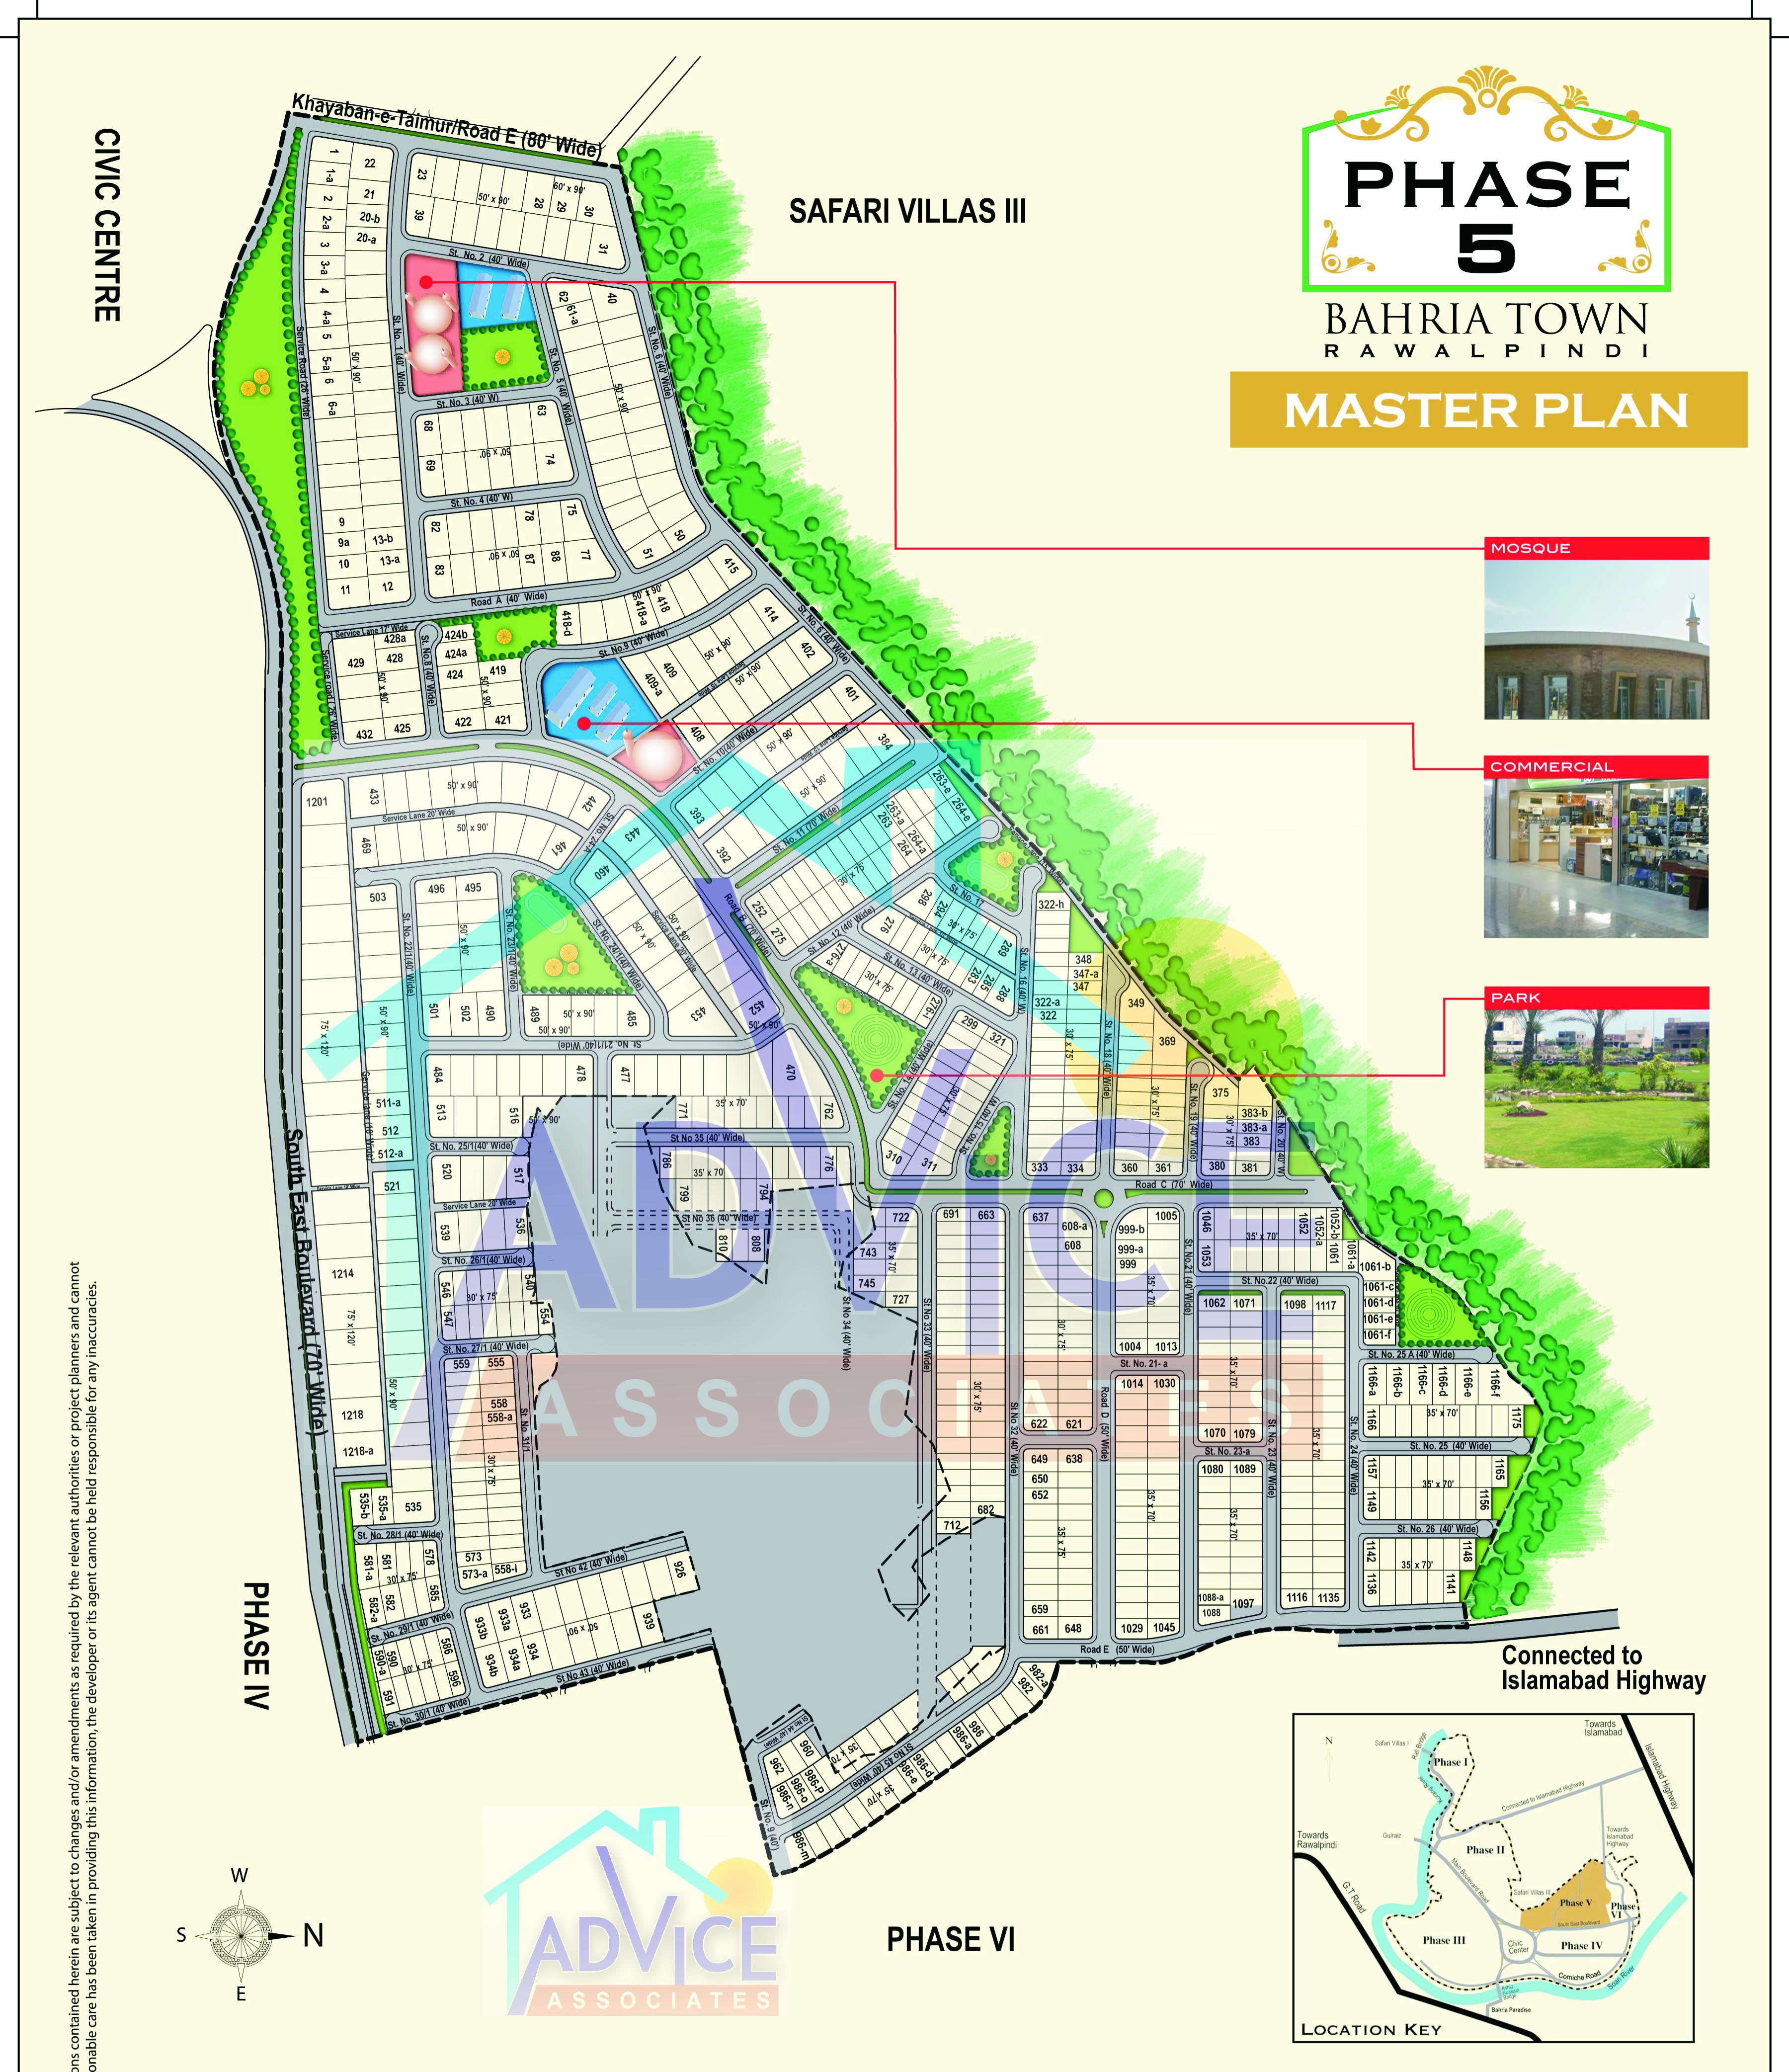 Bahria Town Phase 5